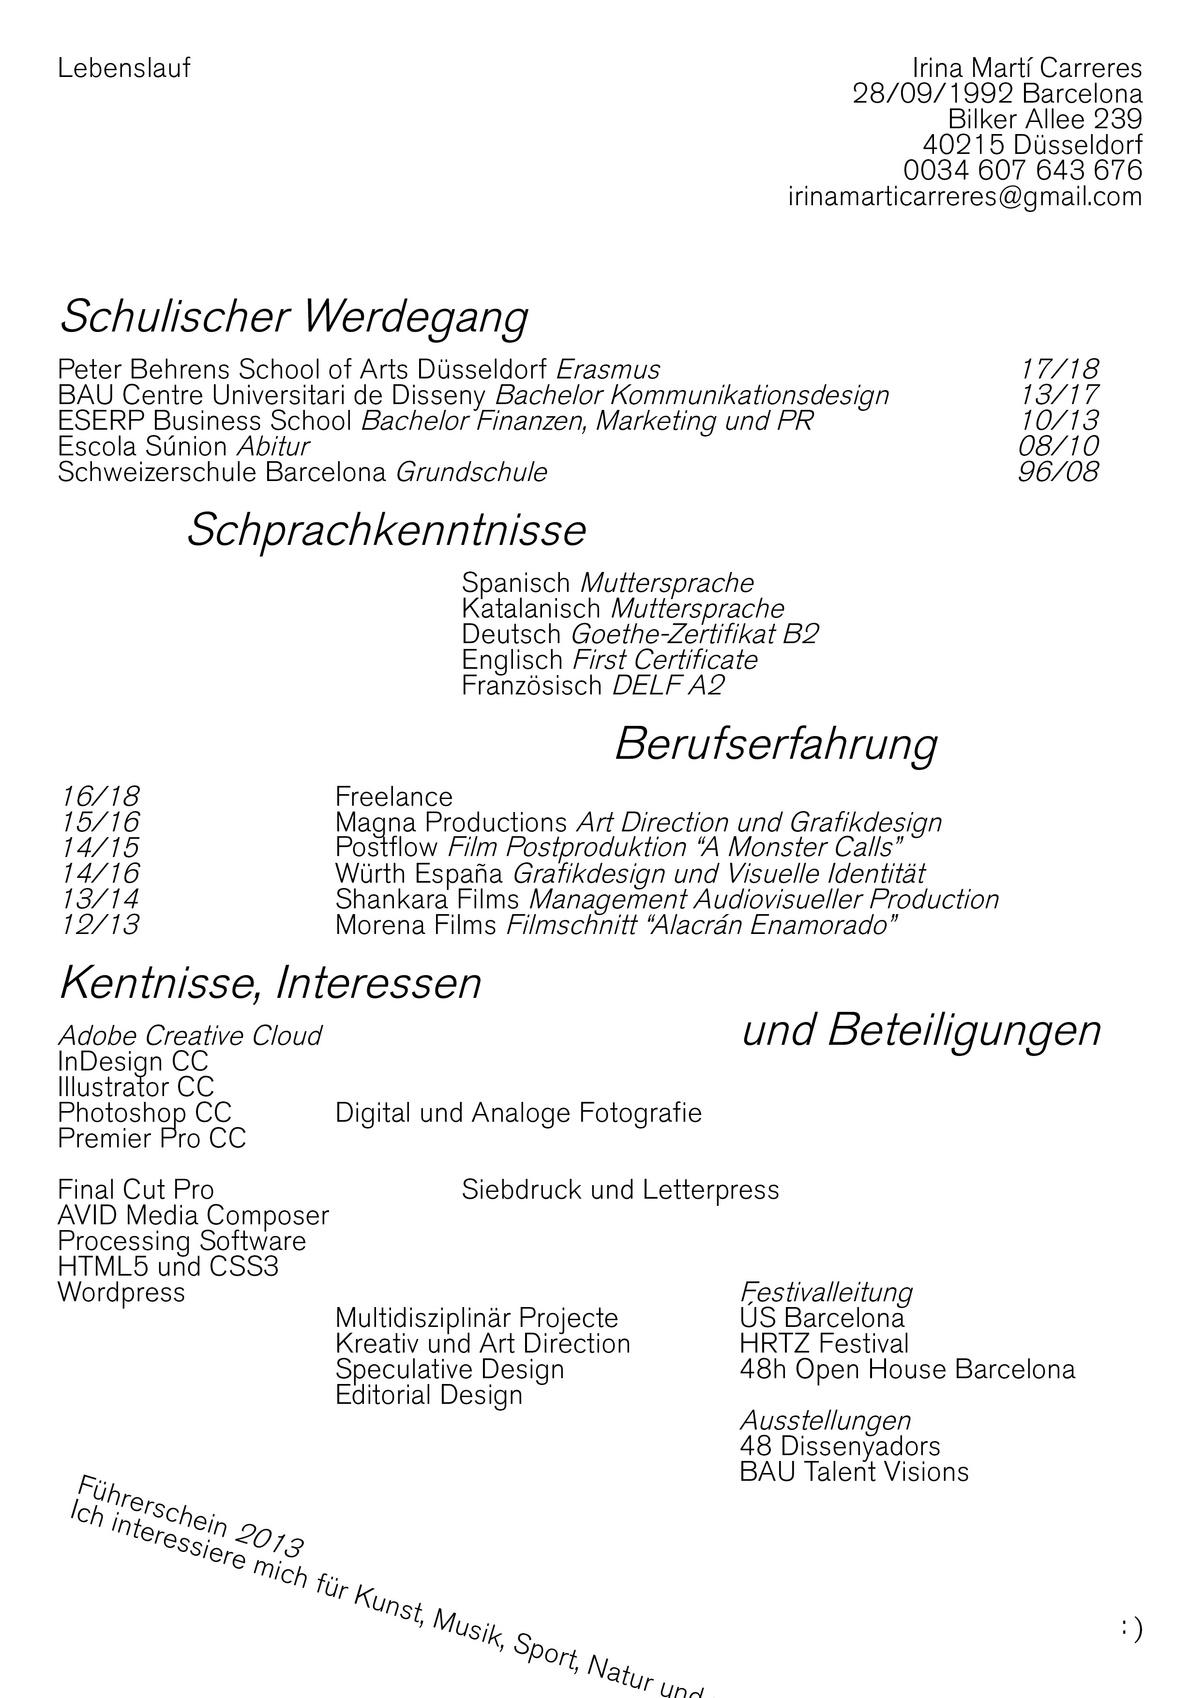 Großartig Chef Lebenslauf Karriereziel Galerie - Entry Level Resume ...